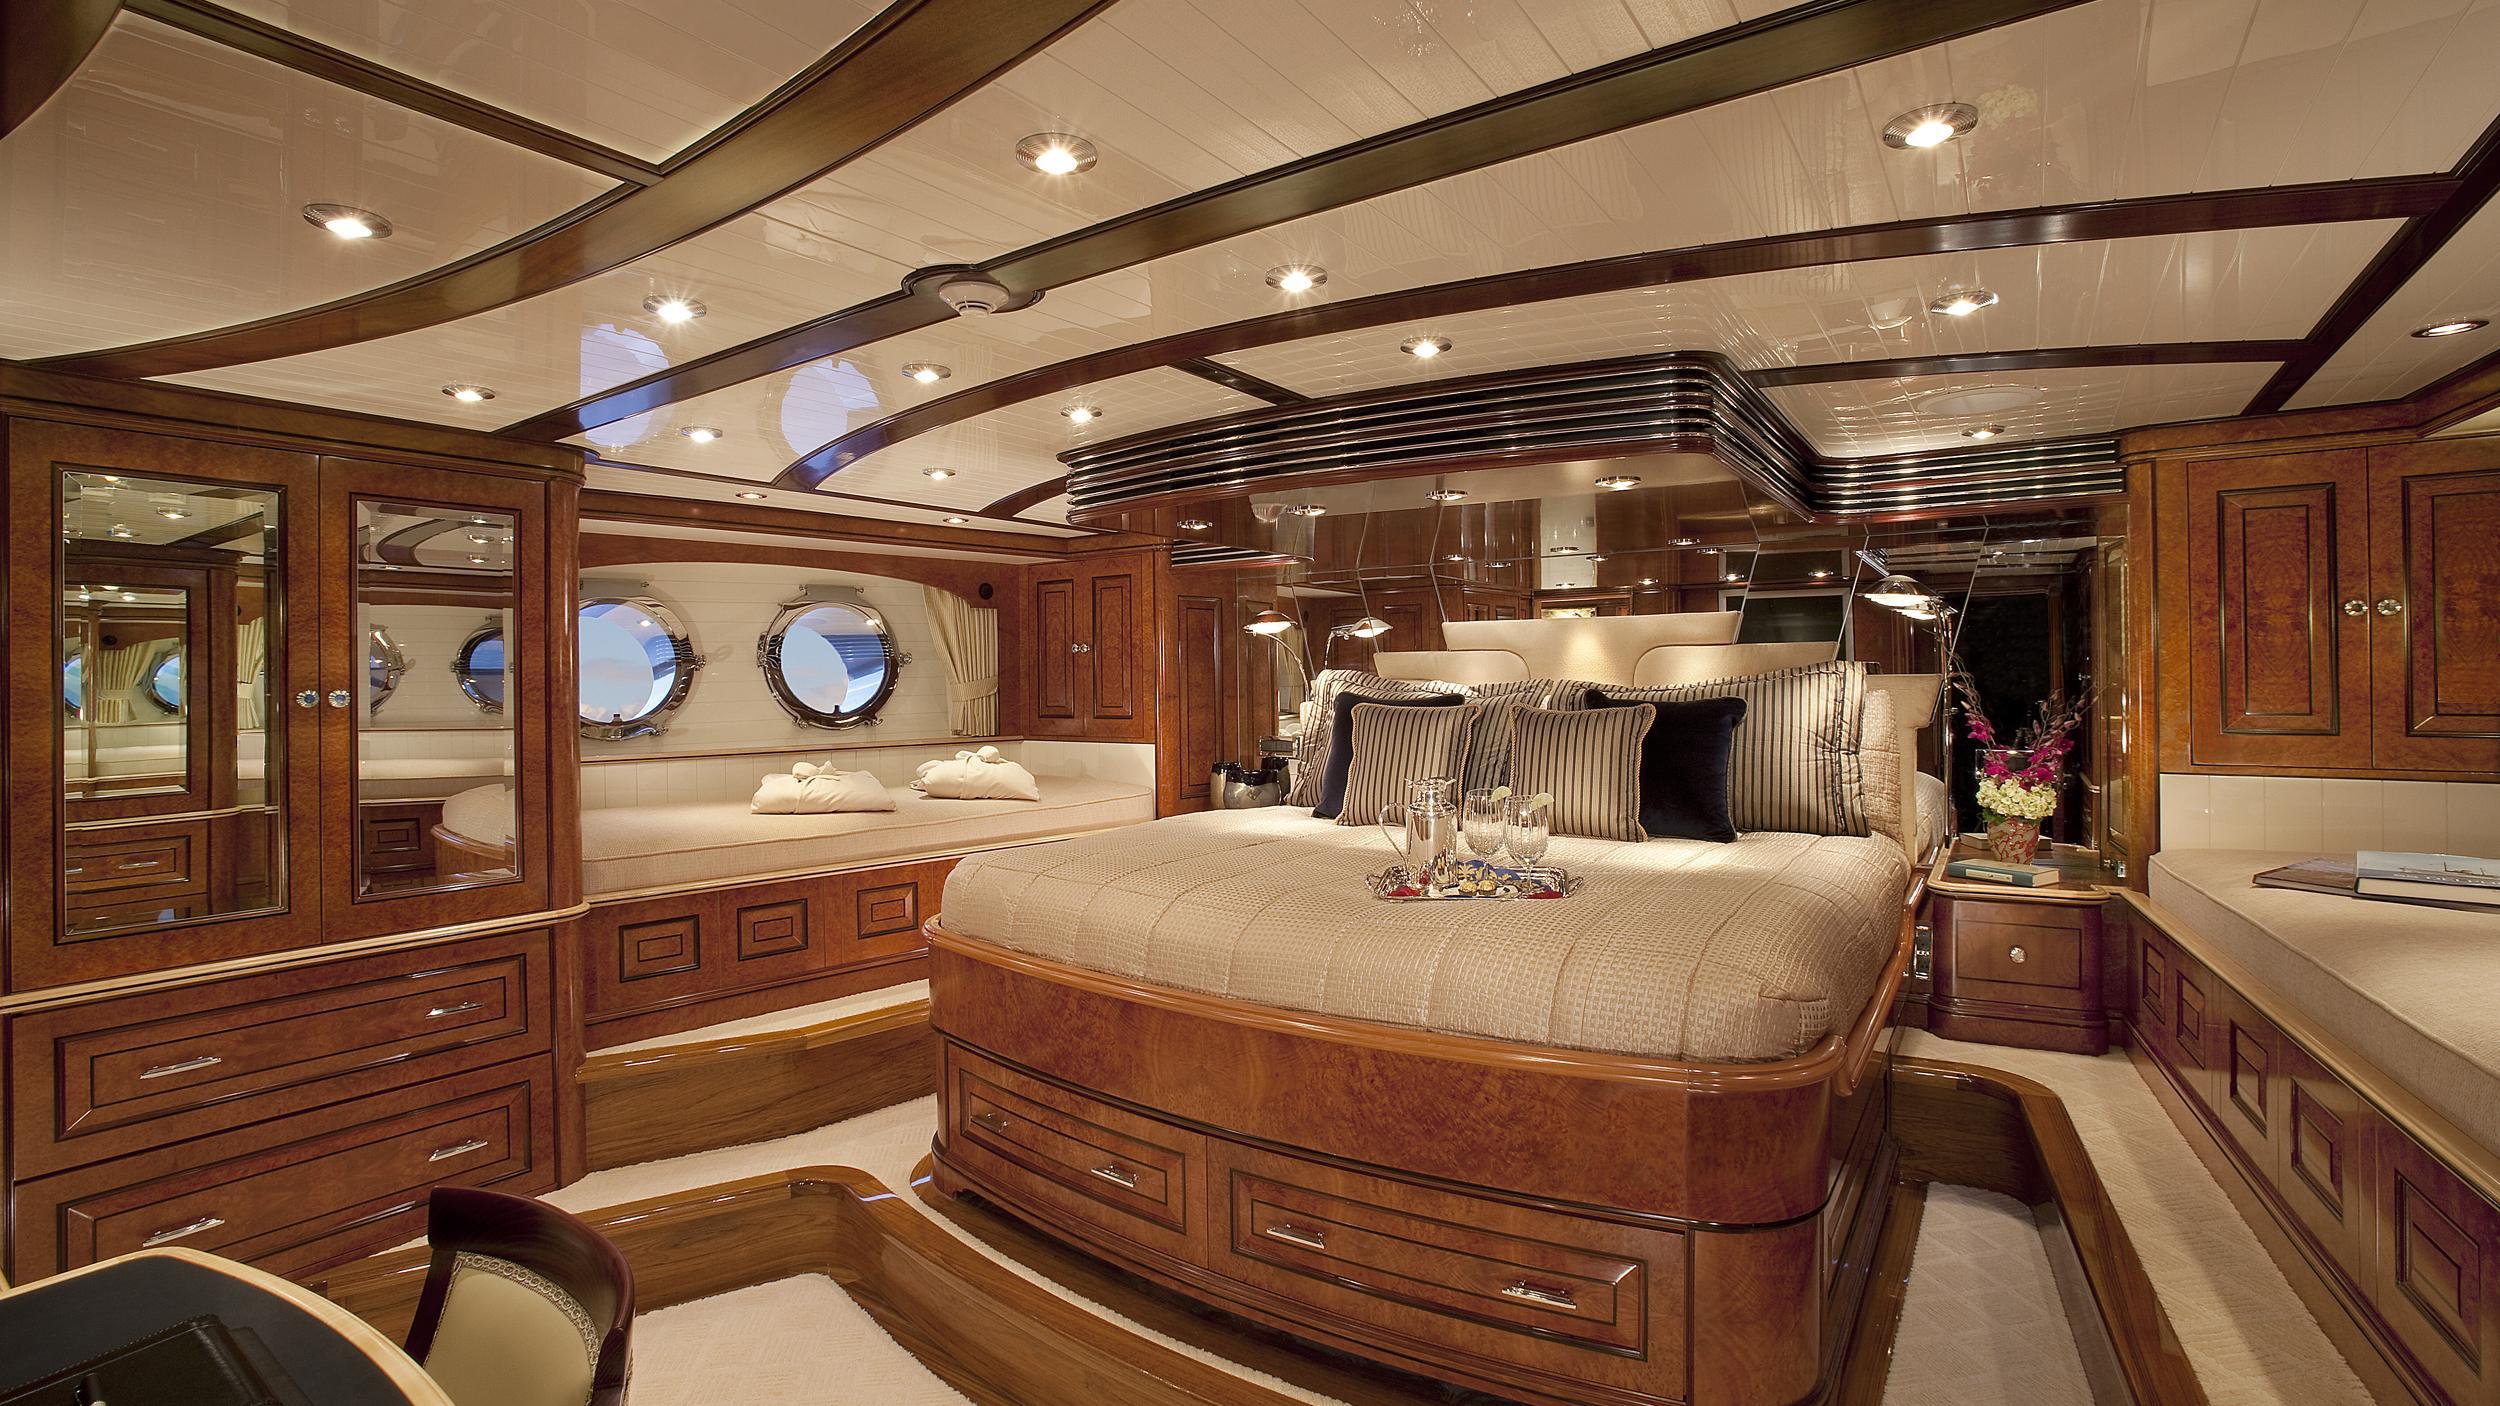 nadan sycara iv motoryacht burger boat 46m 2009 master